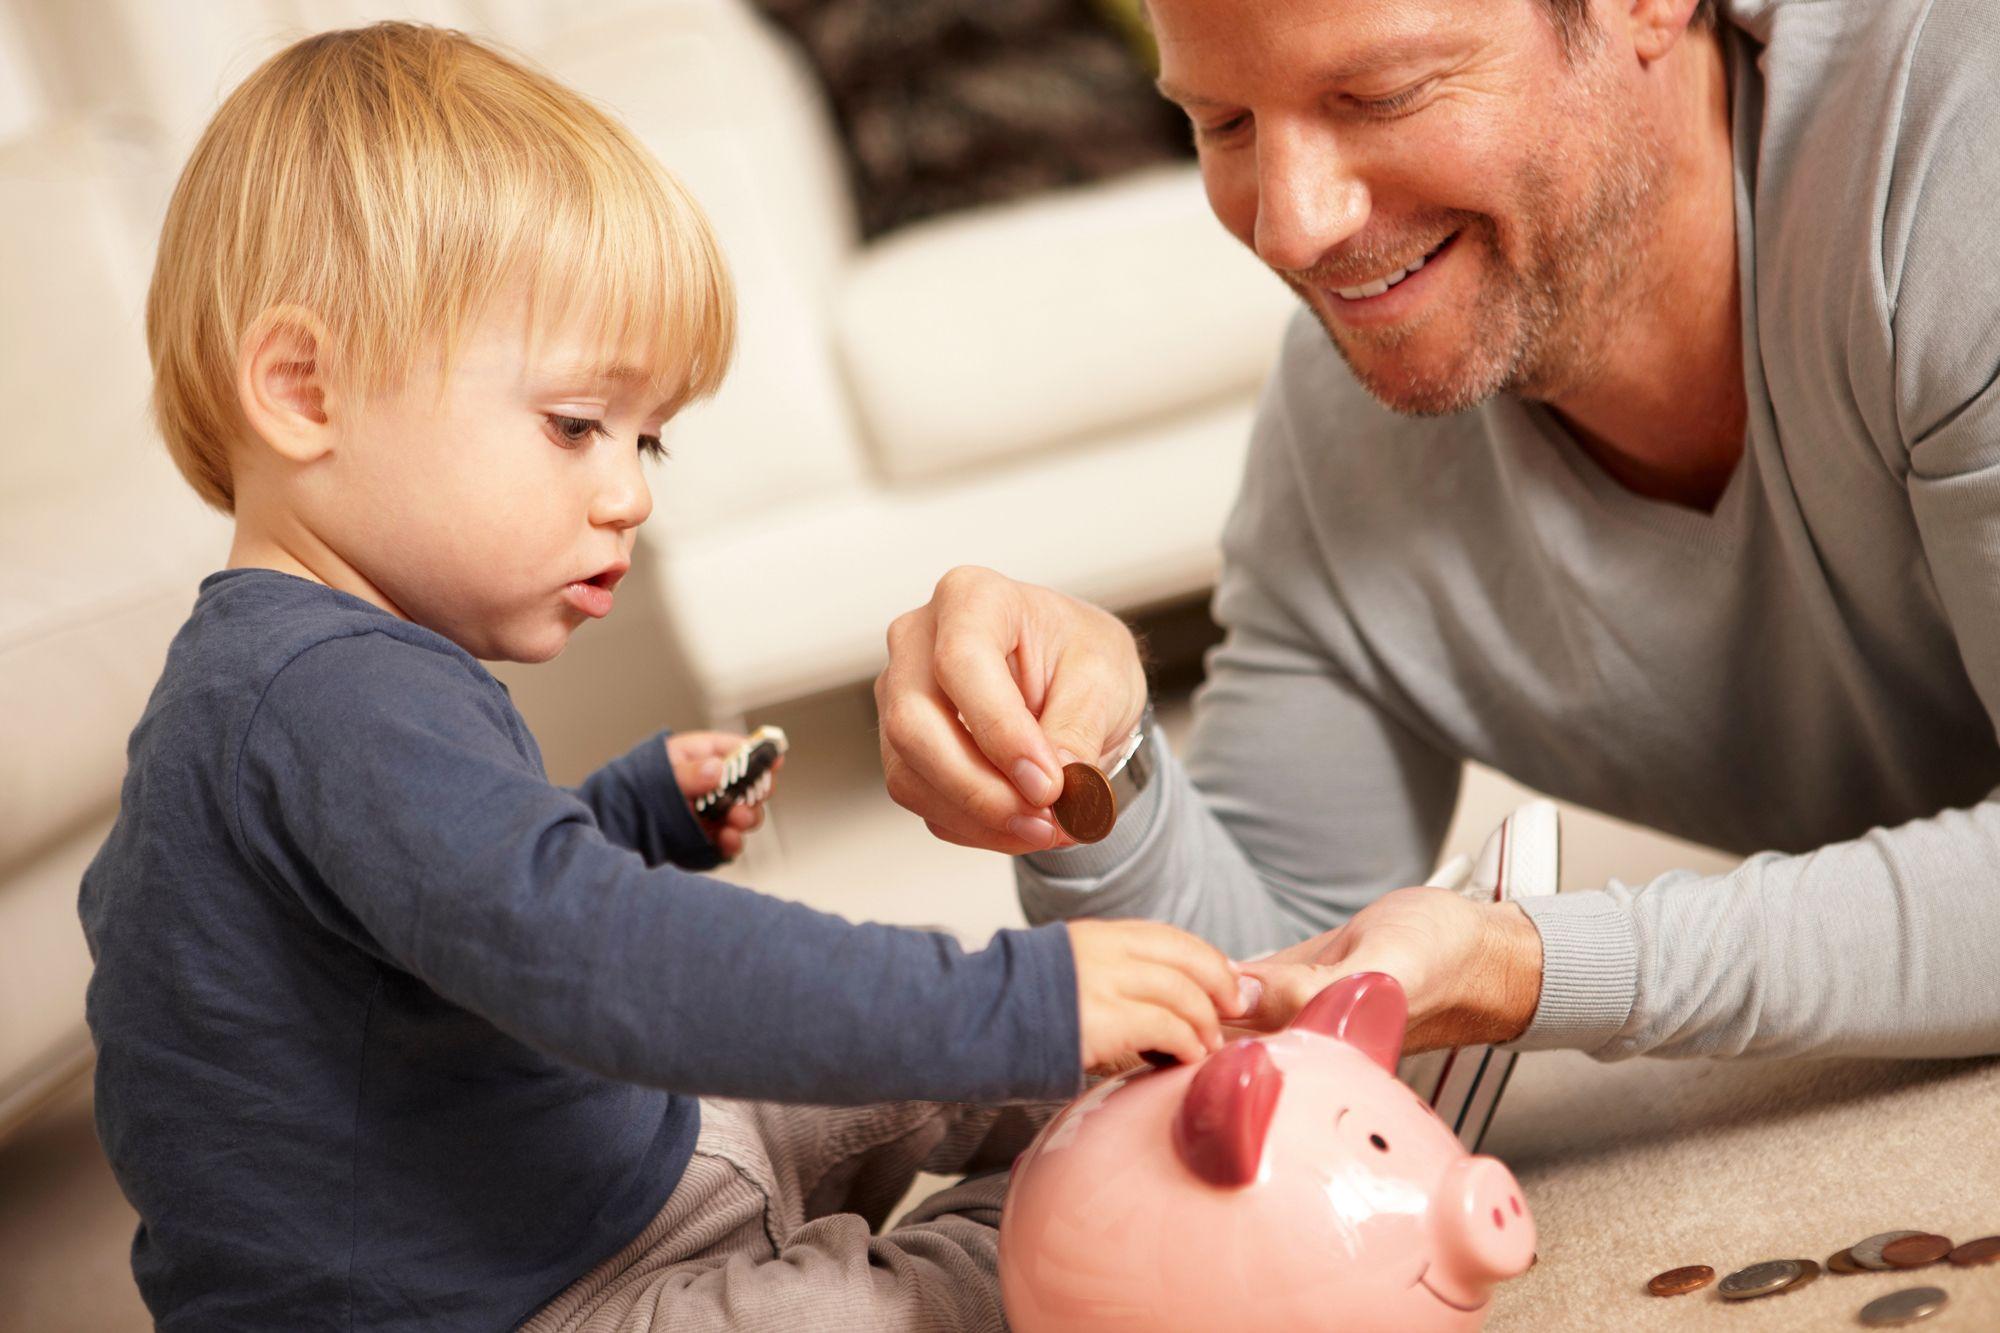 В Госдуме предложили повысить налоговый вычет семьям с детьми и инвалидами